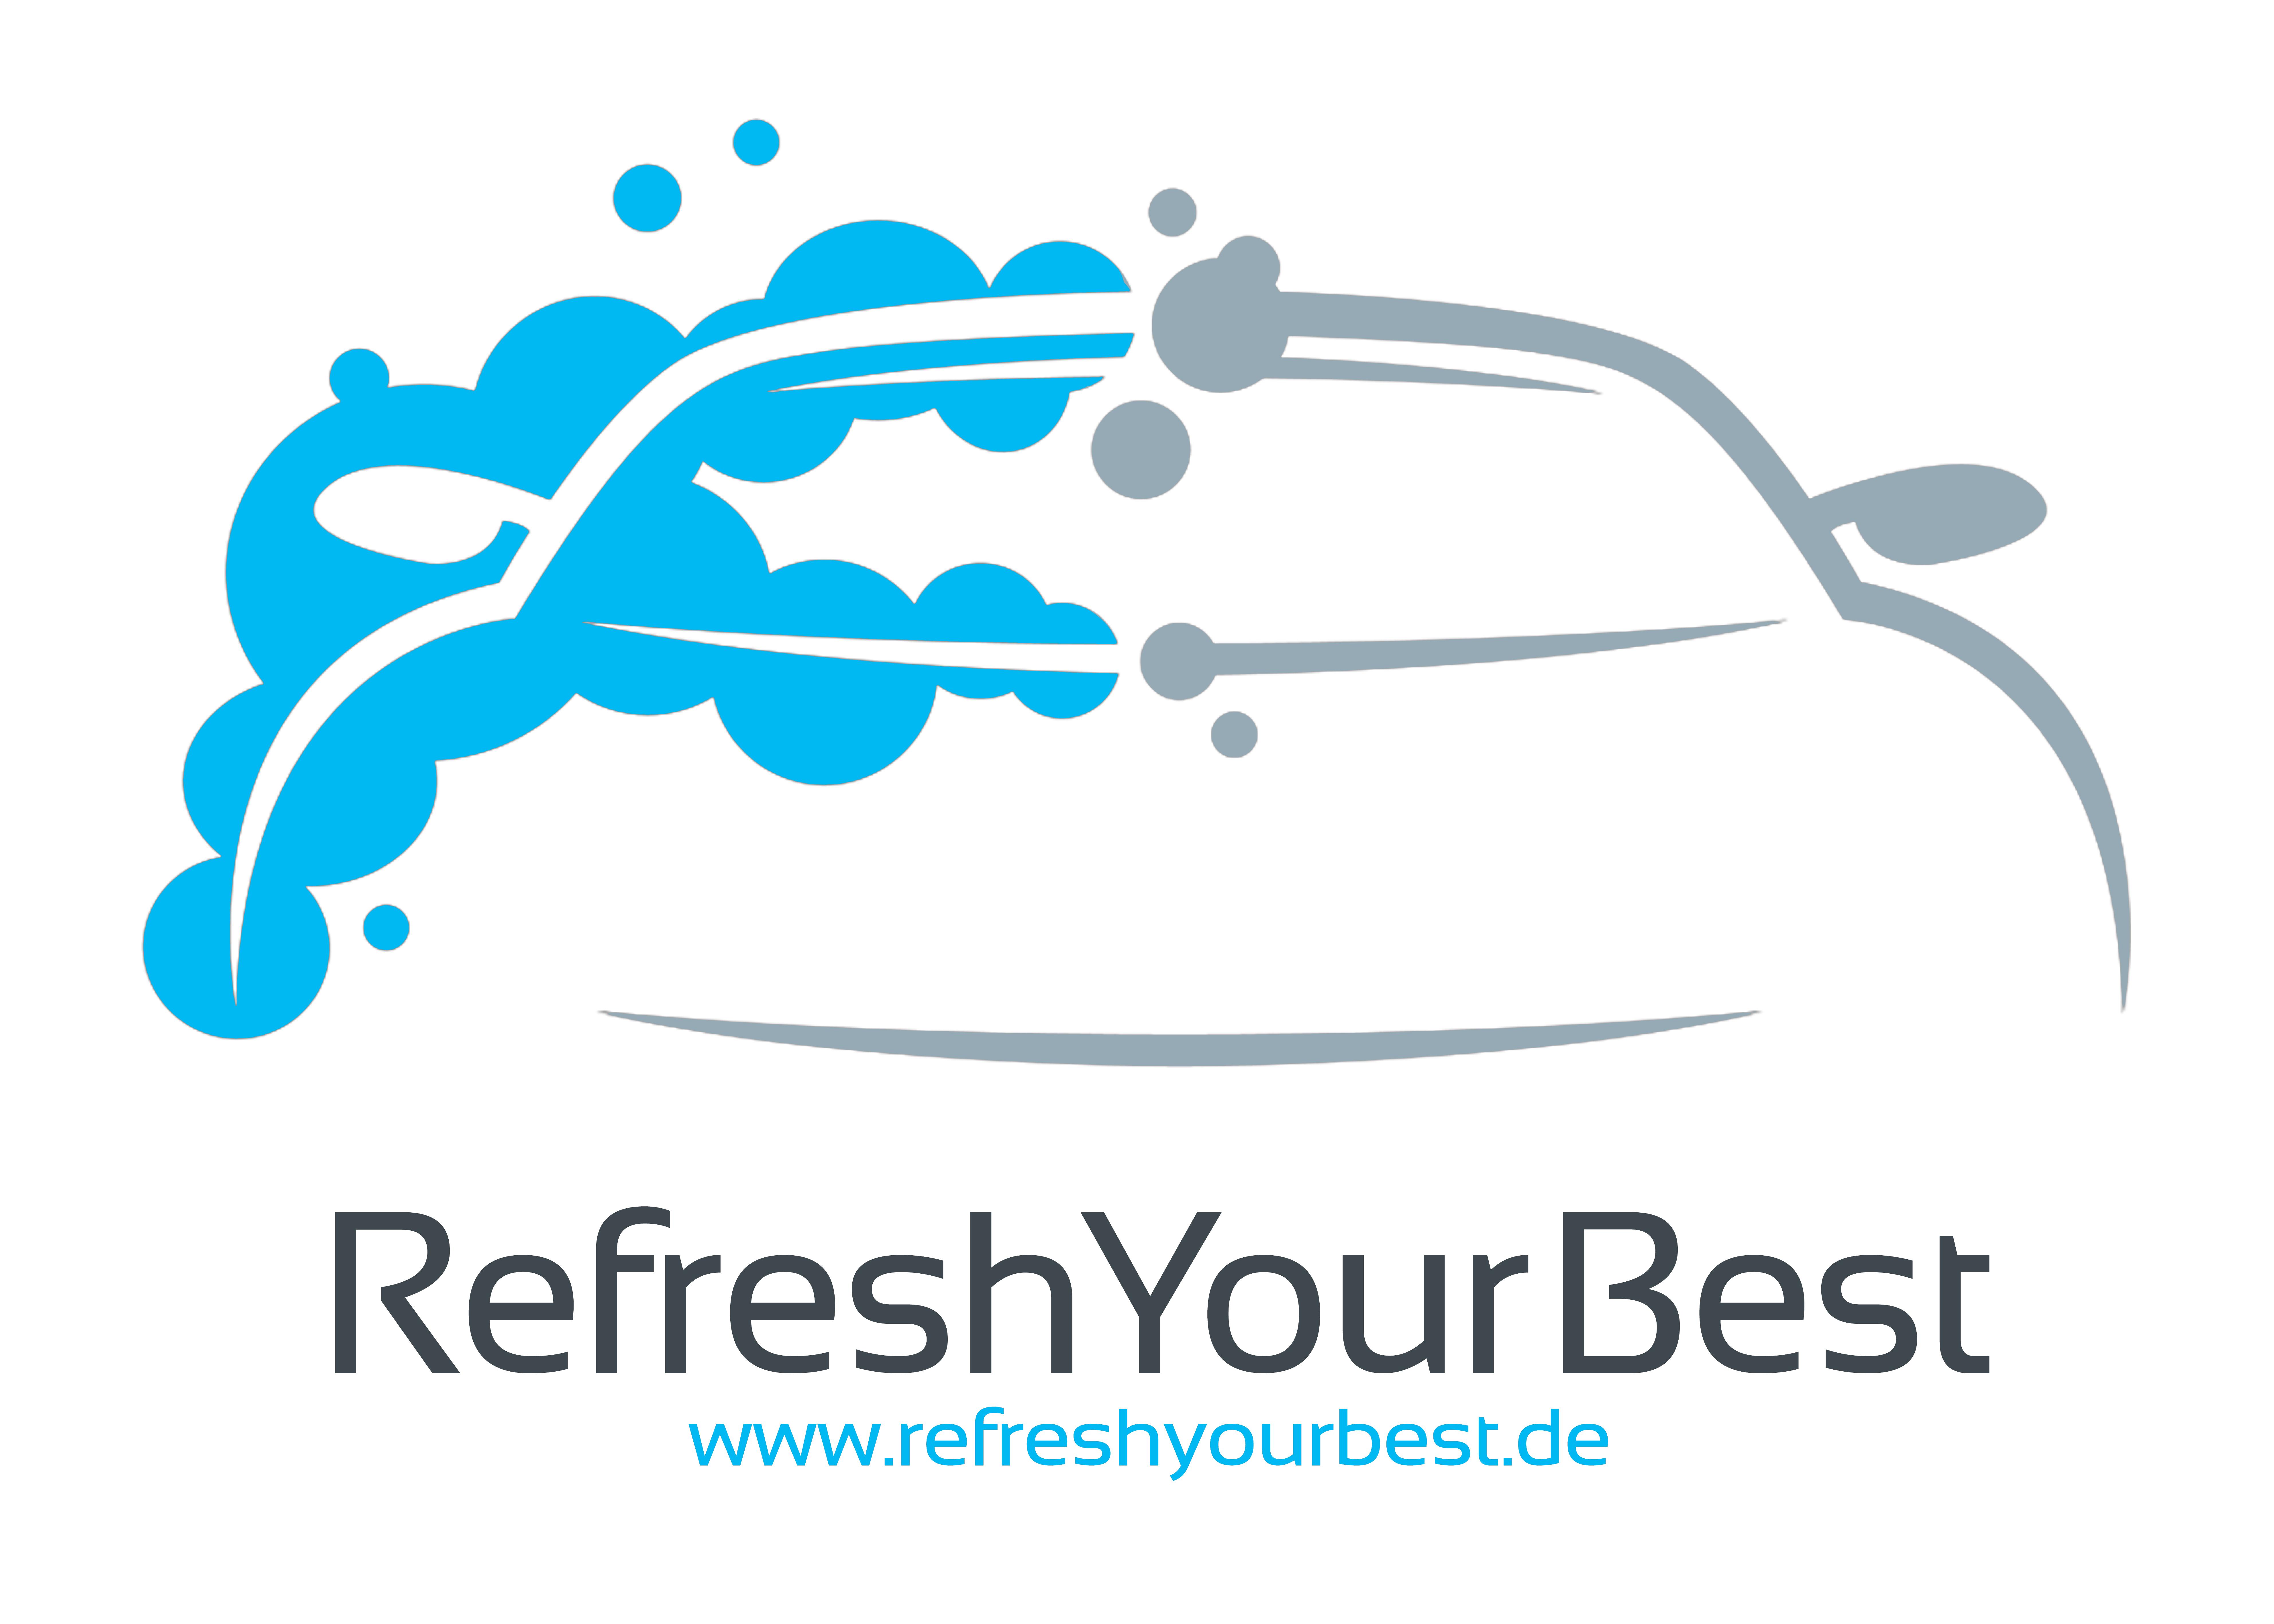 RefreshYourBest - Dein Online Shop für Fahrzeugpflege, Waschchemie und Aufbereitung